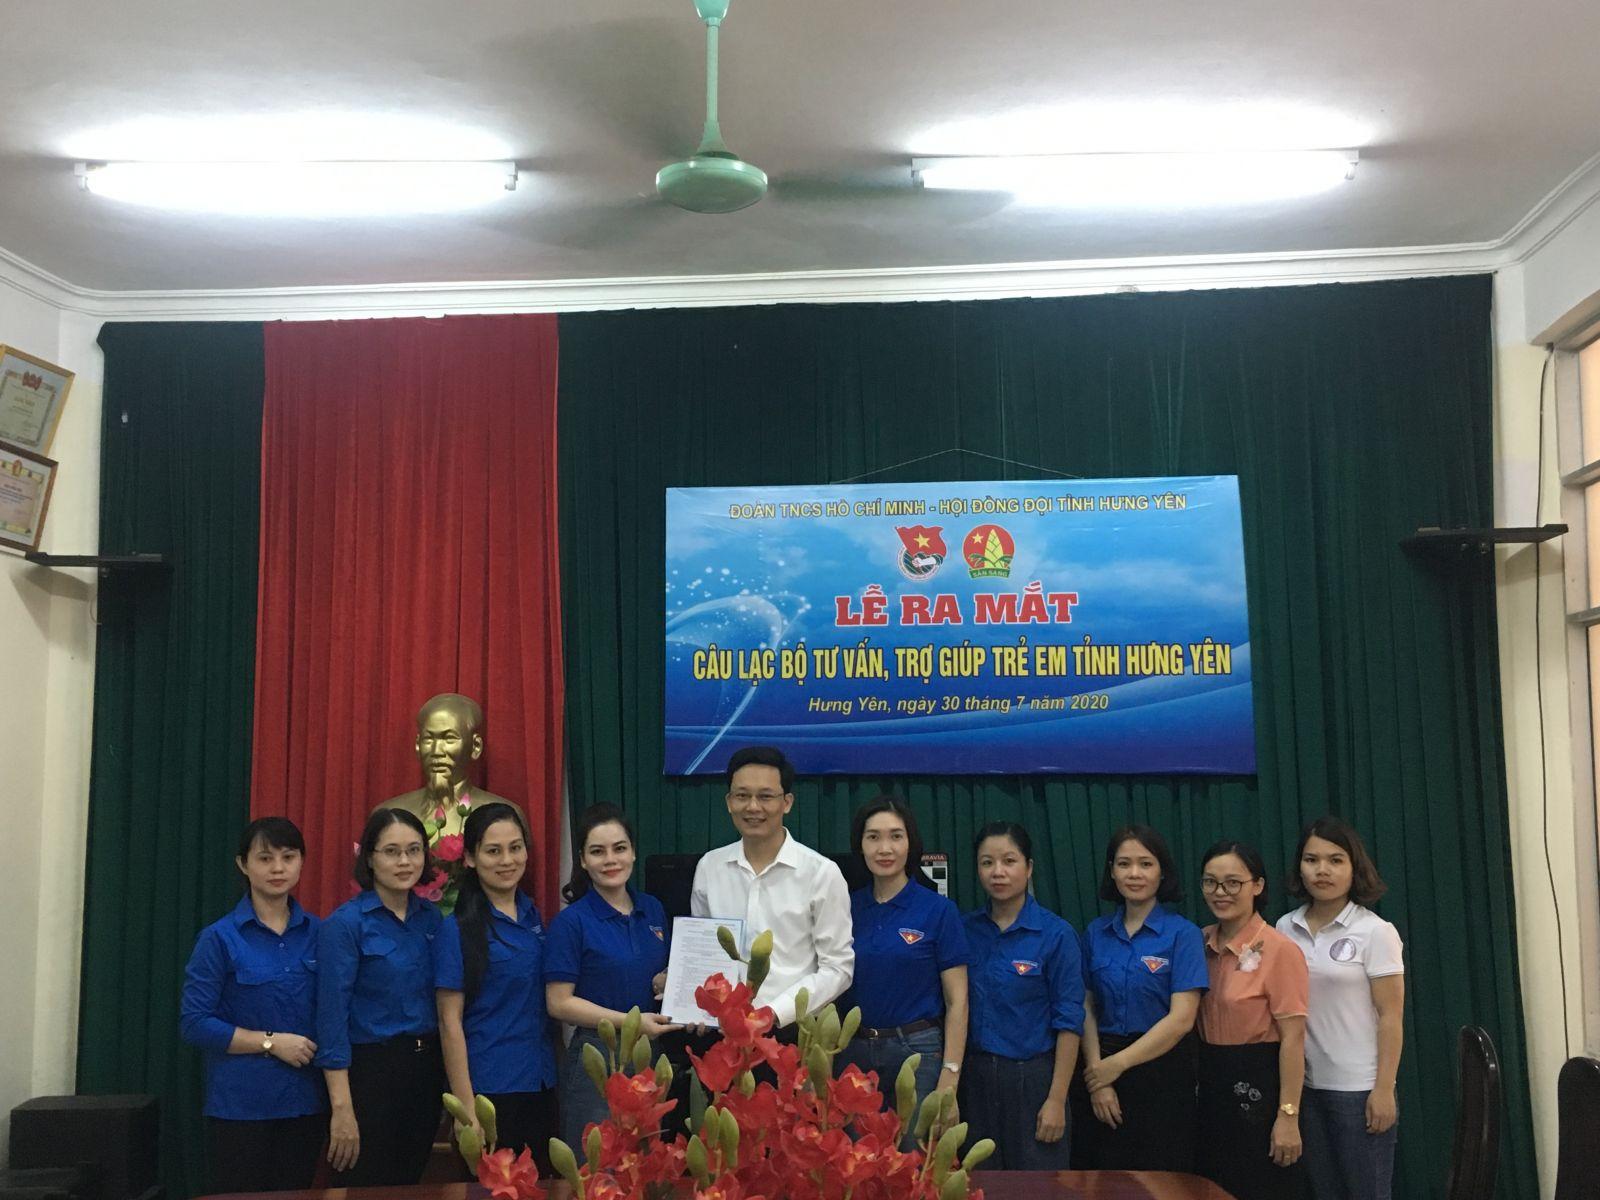 Hưng Yên: Ra mắt Câu lạc bộ Tư vấn, trợ giúp trẻ em